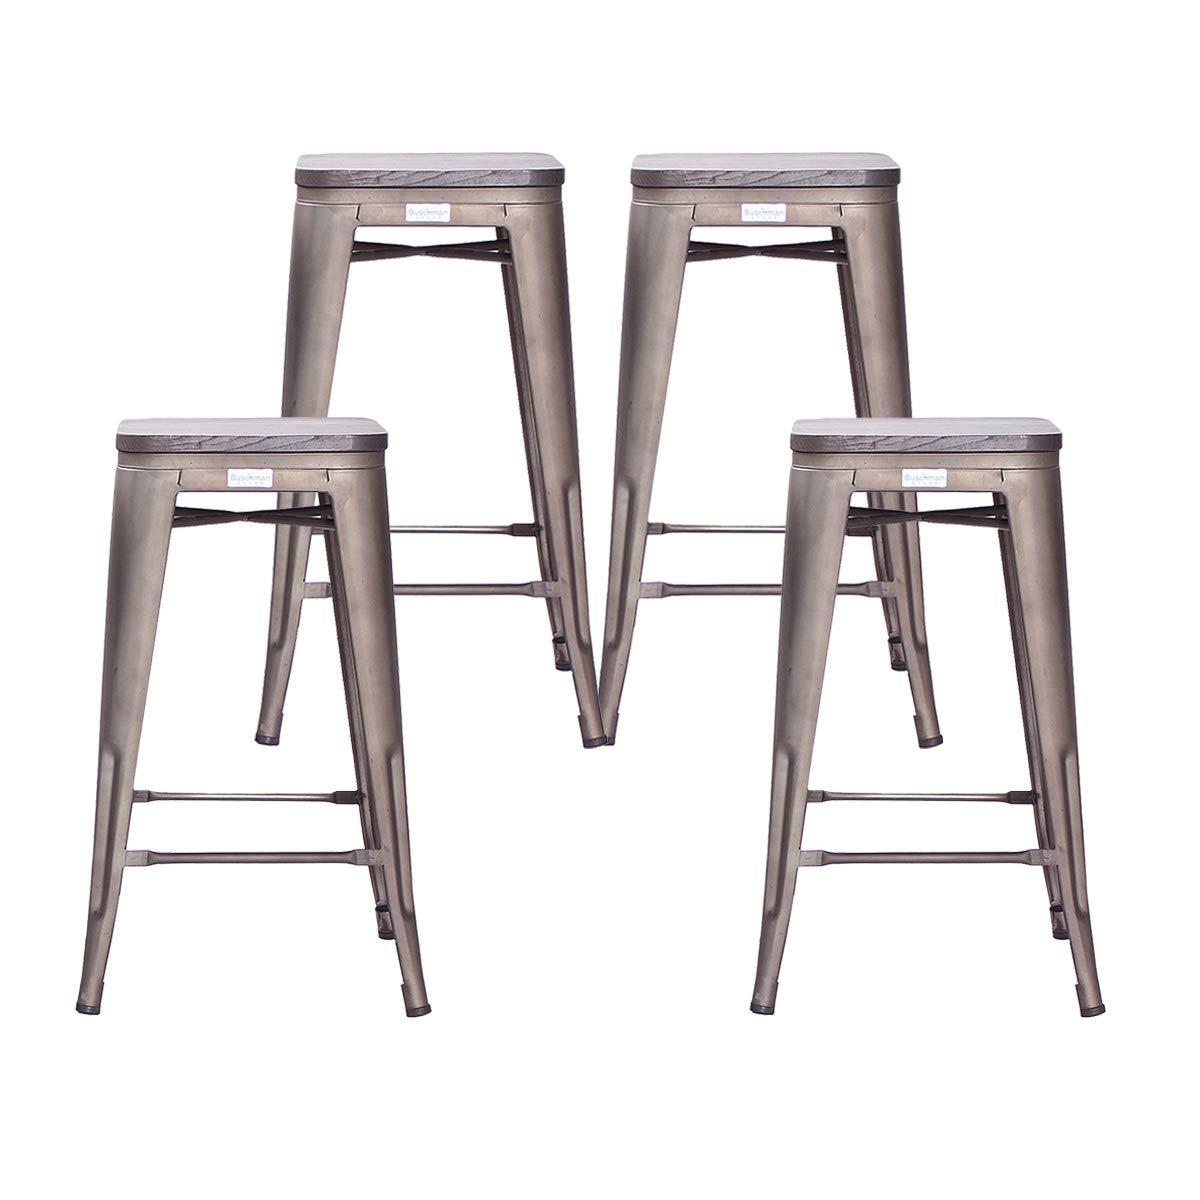 Buschman Set of 4 Bronze Wooden Seat 26 Inch Counter Height Metal Bar Stools, Indoor/Outdoor, Stackable by Buschman Store